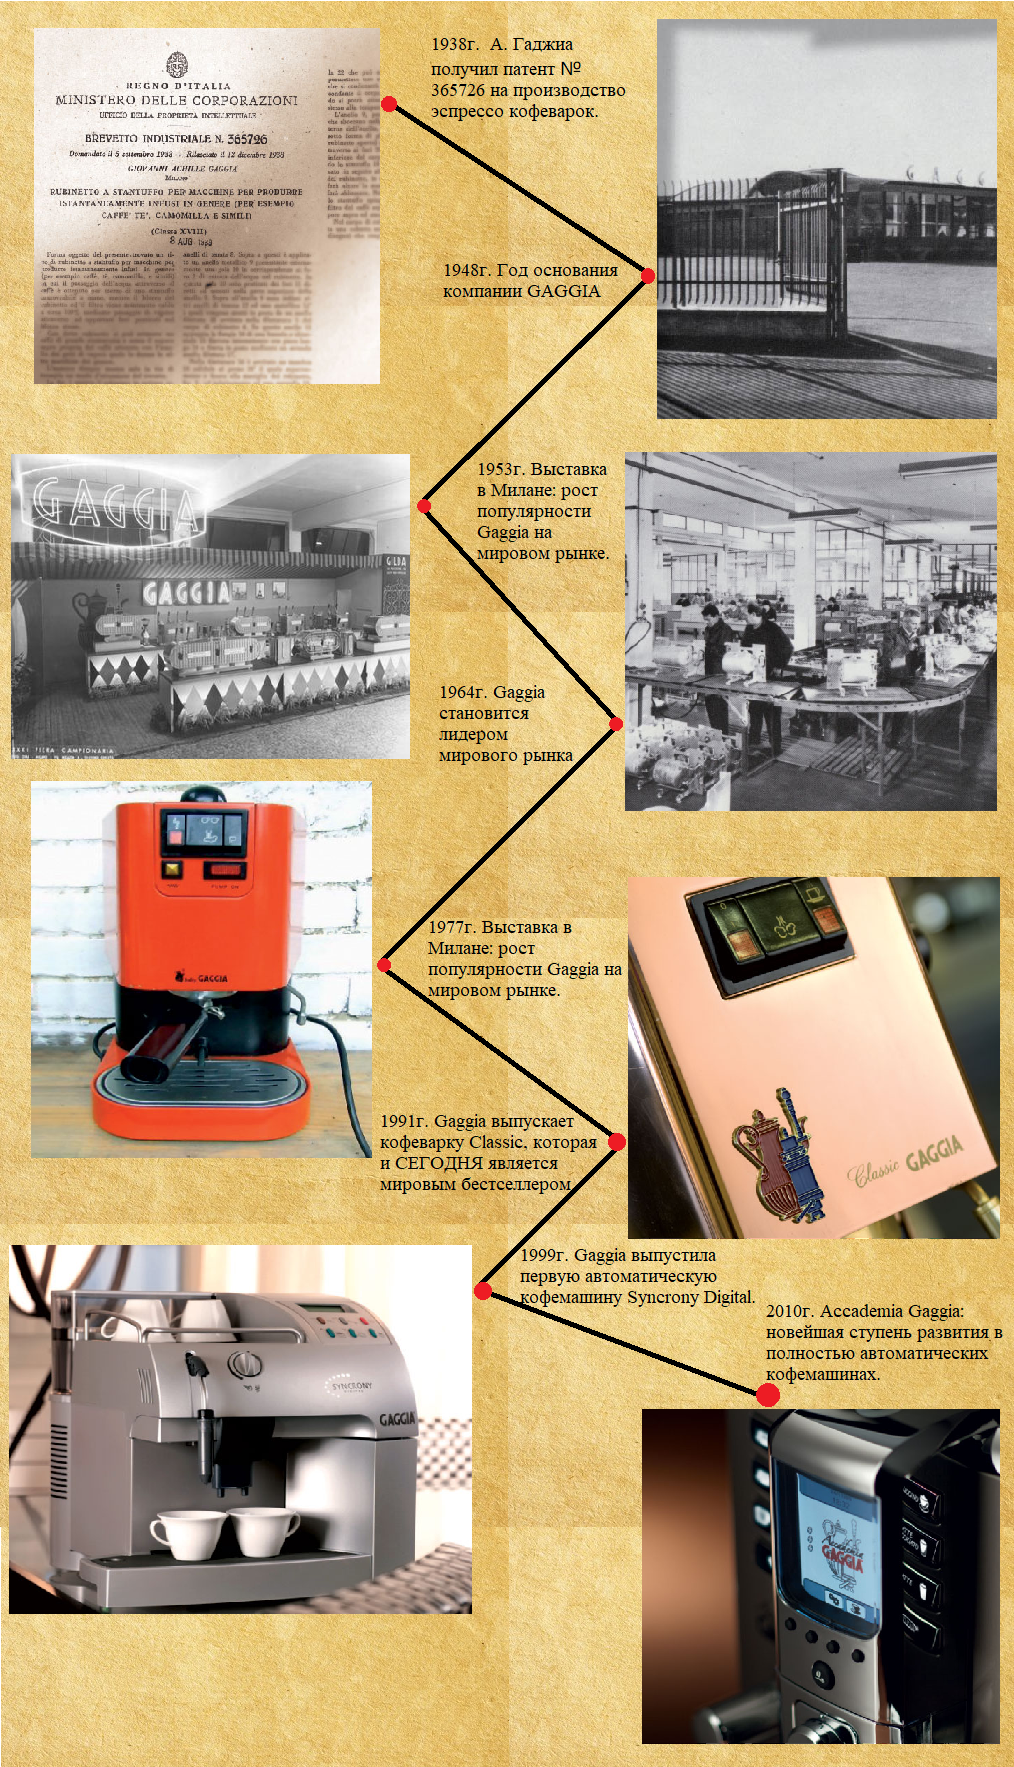 История развития Gaggia, от традиционной кофемашины до автоматической